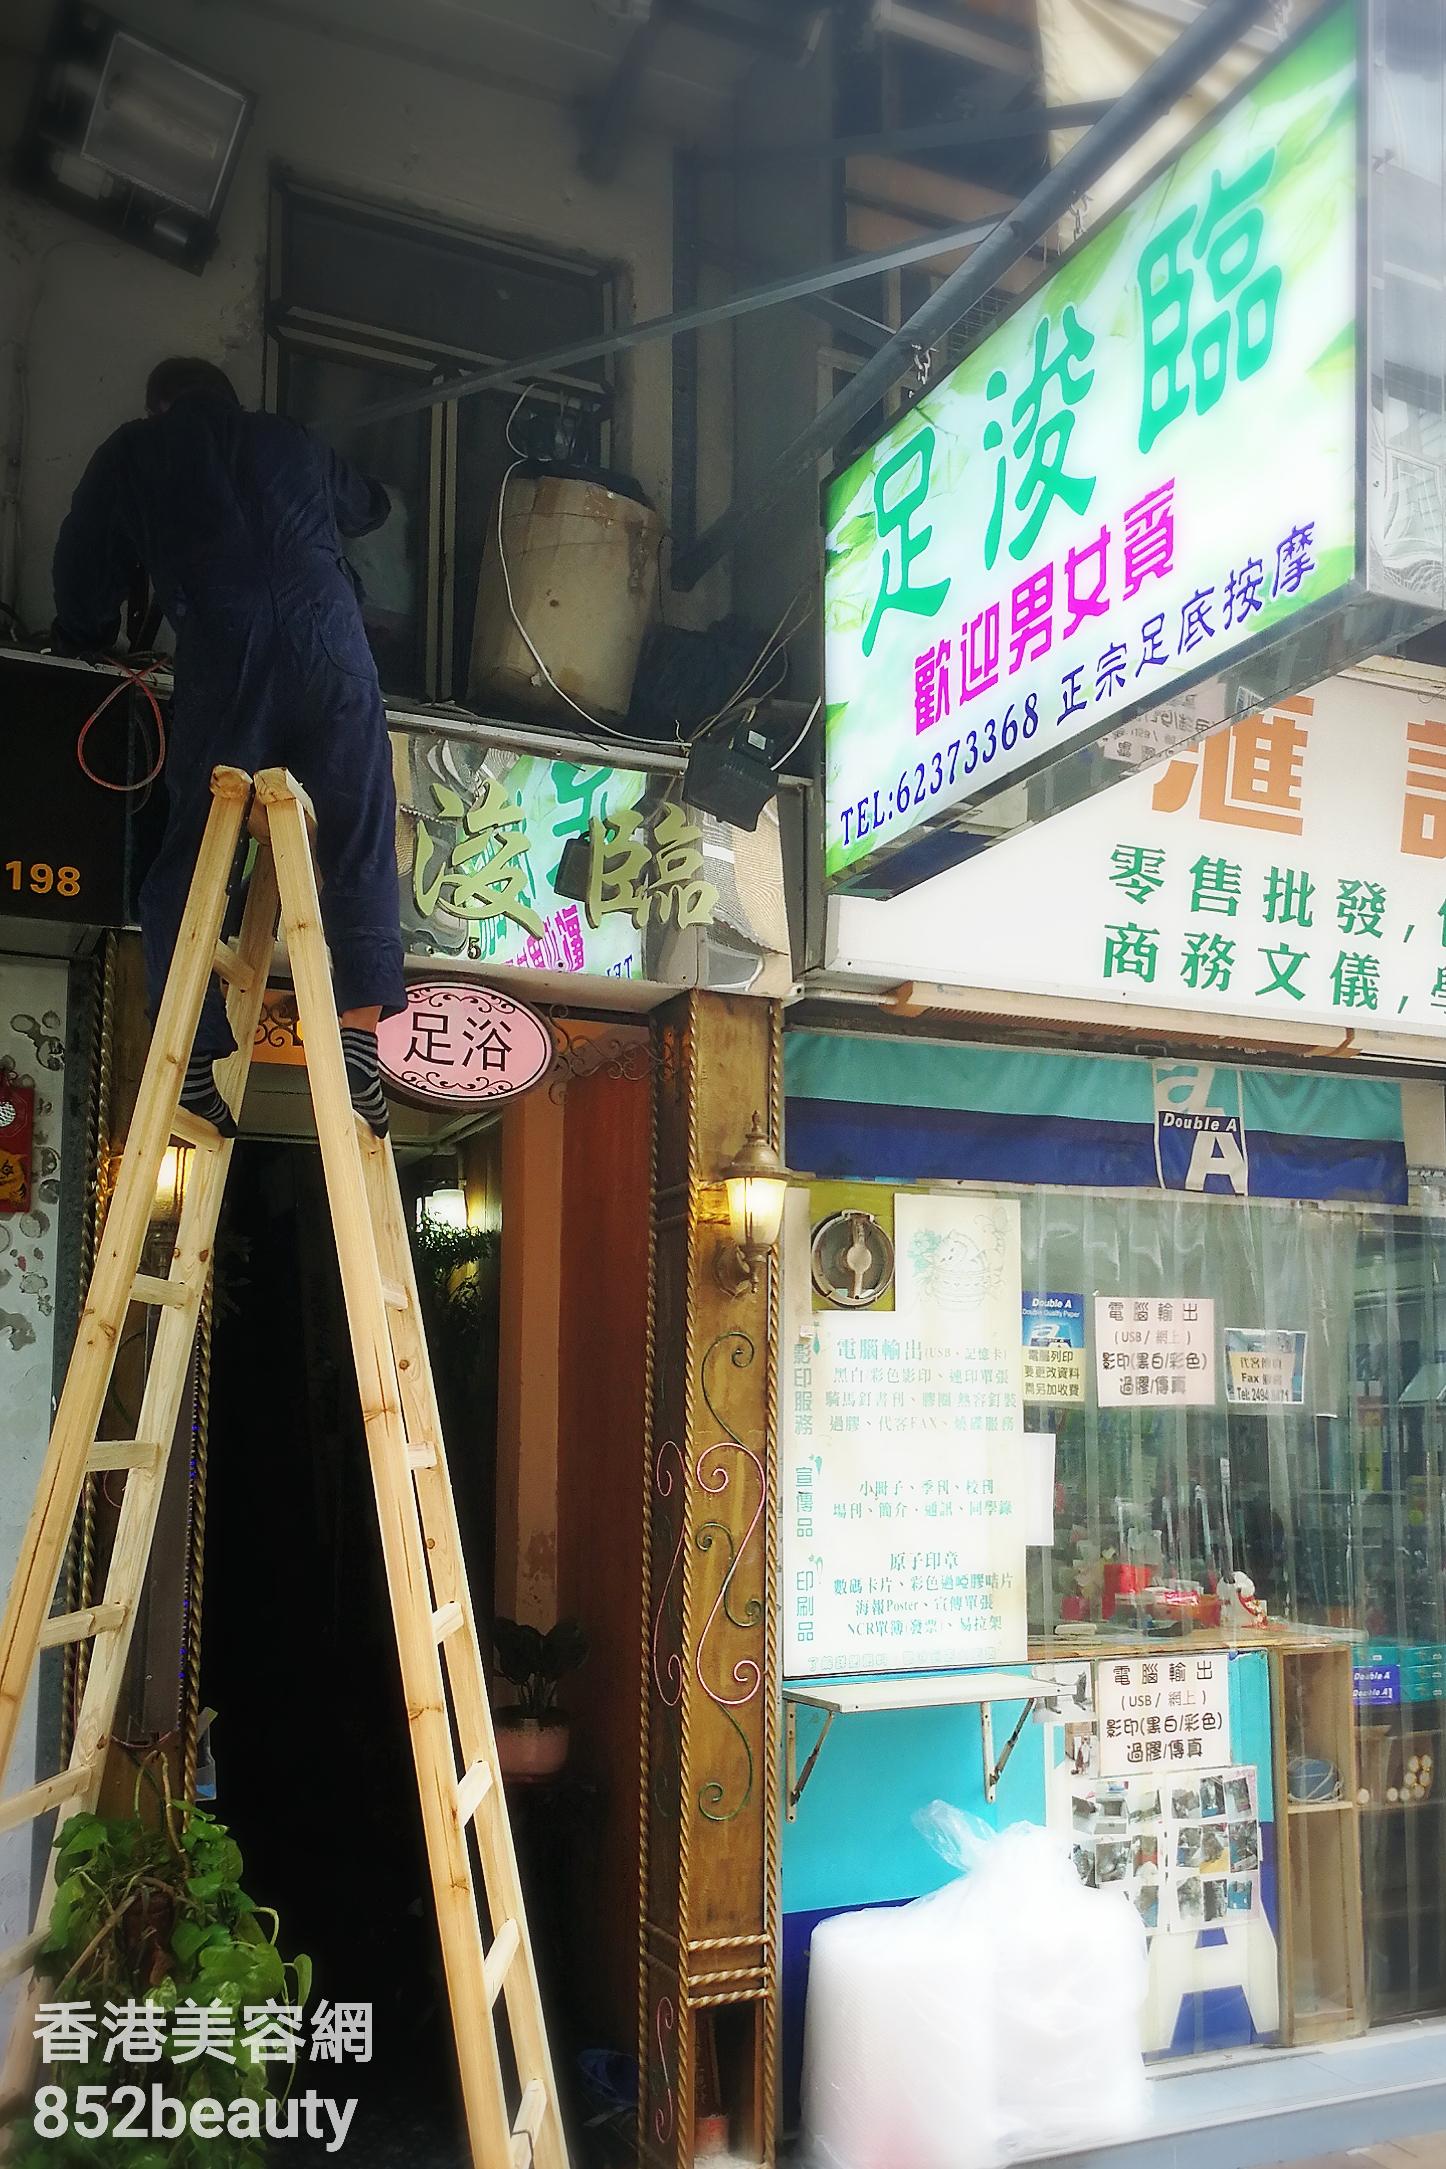 香港美容院 美容師 : 足浚臨 @青年創業軍